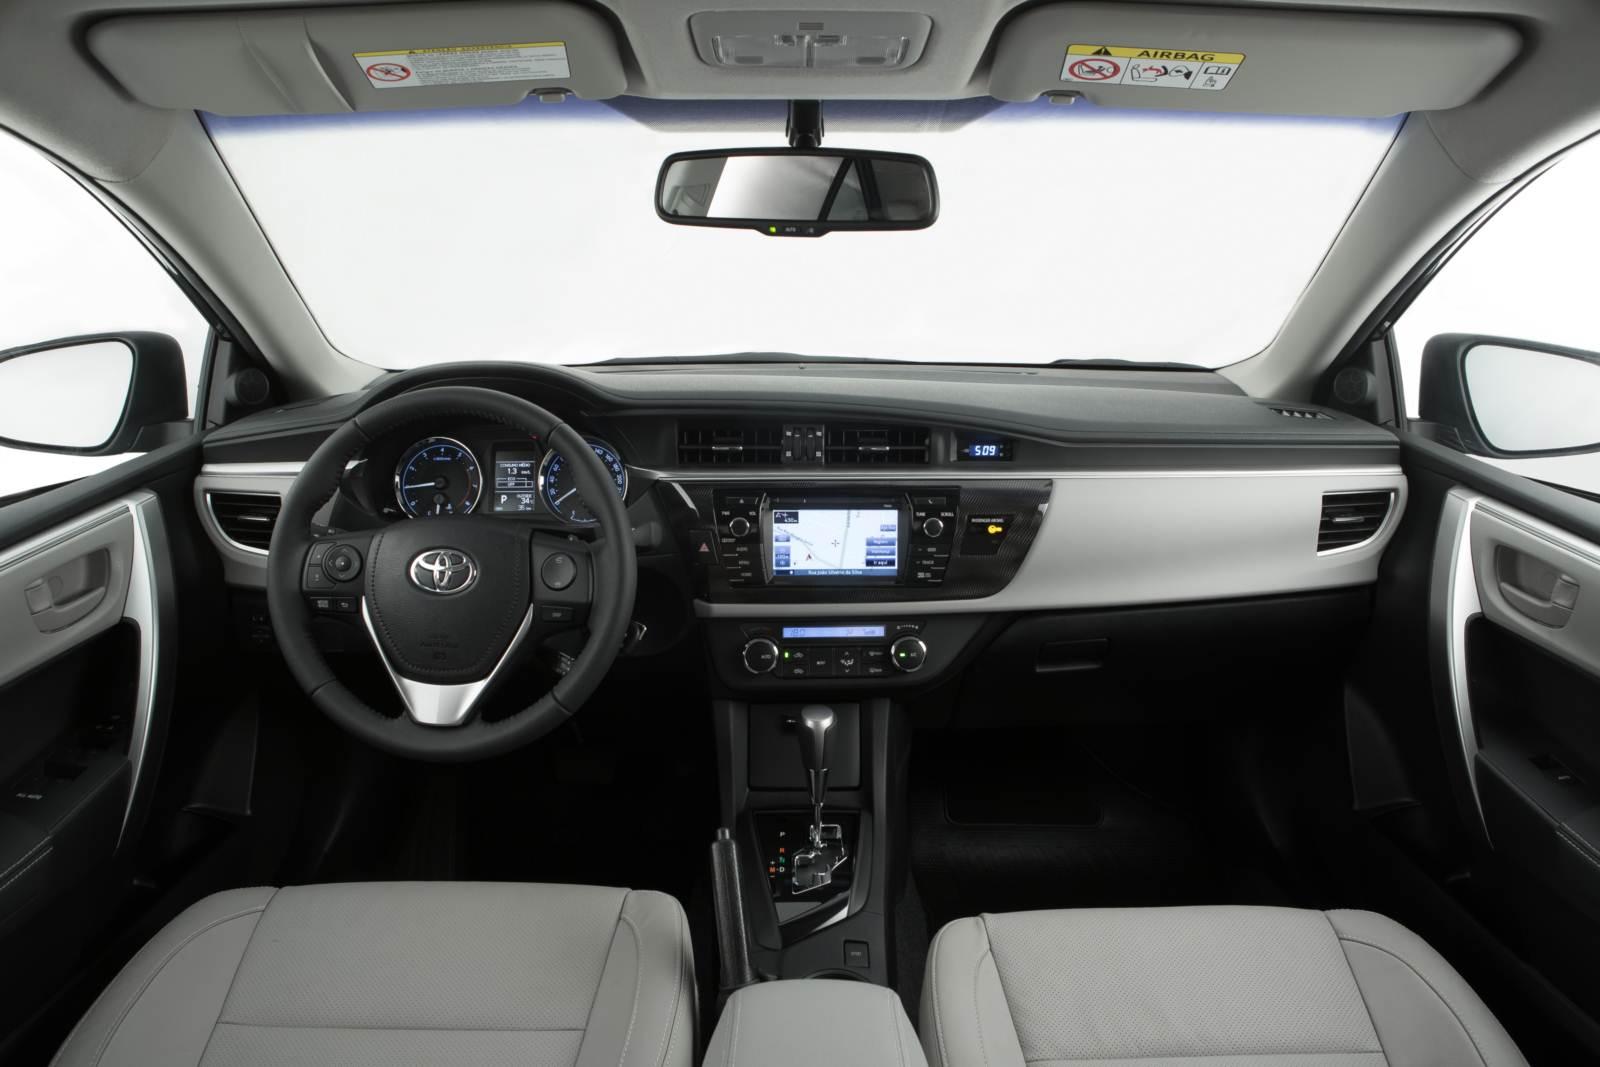 Toyota Of Plano >> Novo Toyota Corolla 2015: vídeo oficial de apresentação | CAR.BLOG.BR